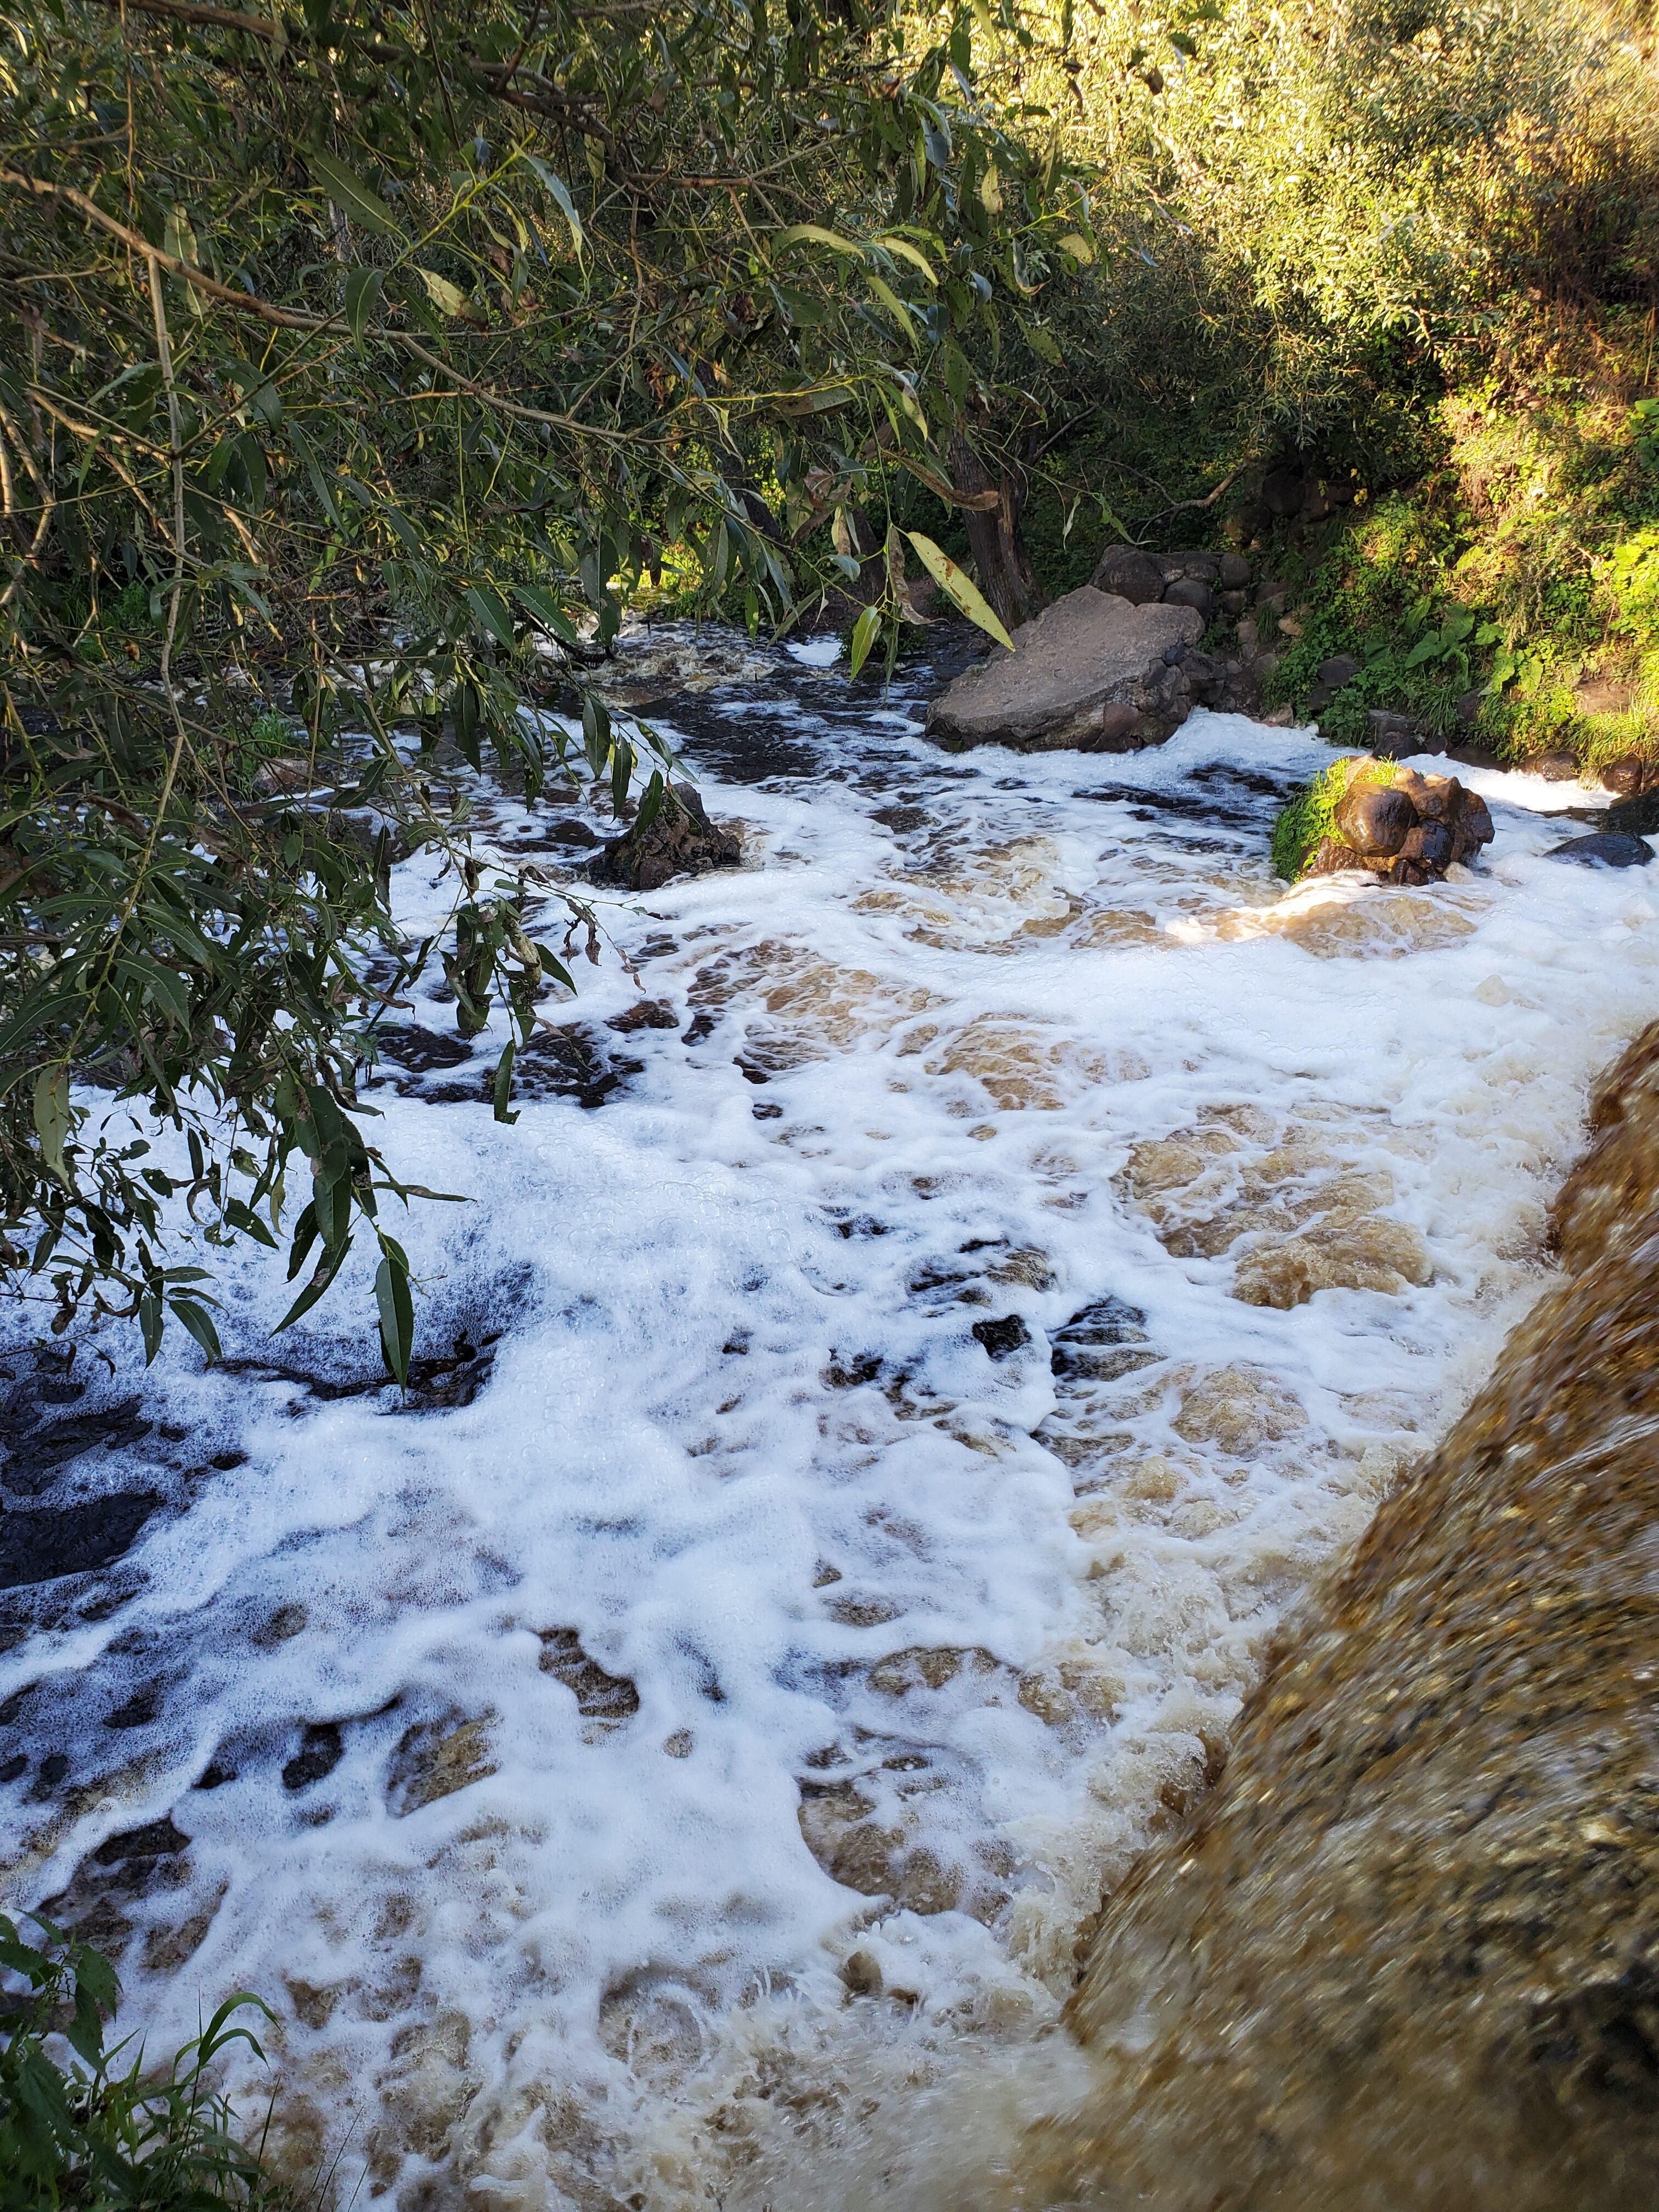 20210904 173224 rotated - Водопад на реке Вята